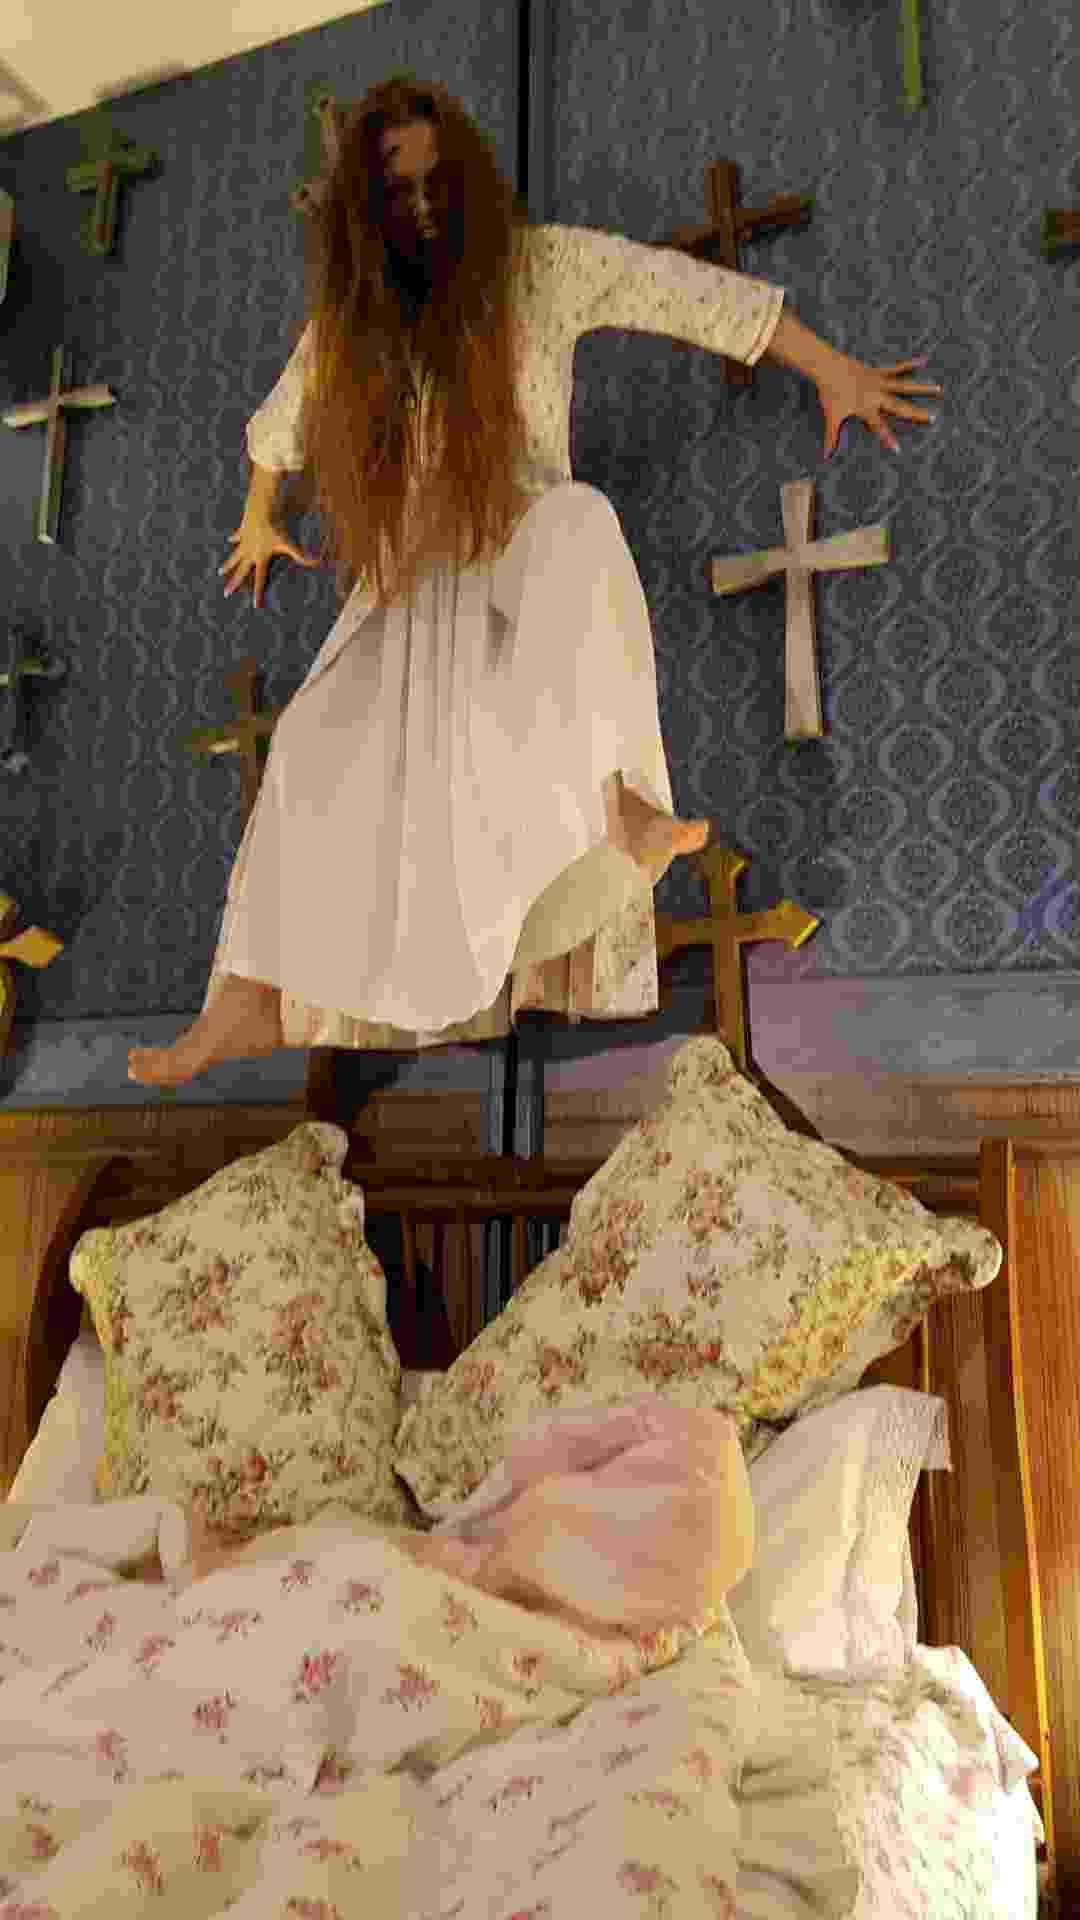 """Menina """"possuída"""" do filme """"Invocação do Mal 2"""" aterroriza babás em câmera escondida do """"Programa Silvio Santos"""", que irá ao ar no próximo domingo (5) no SBT - Divulgação/SBT"""